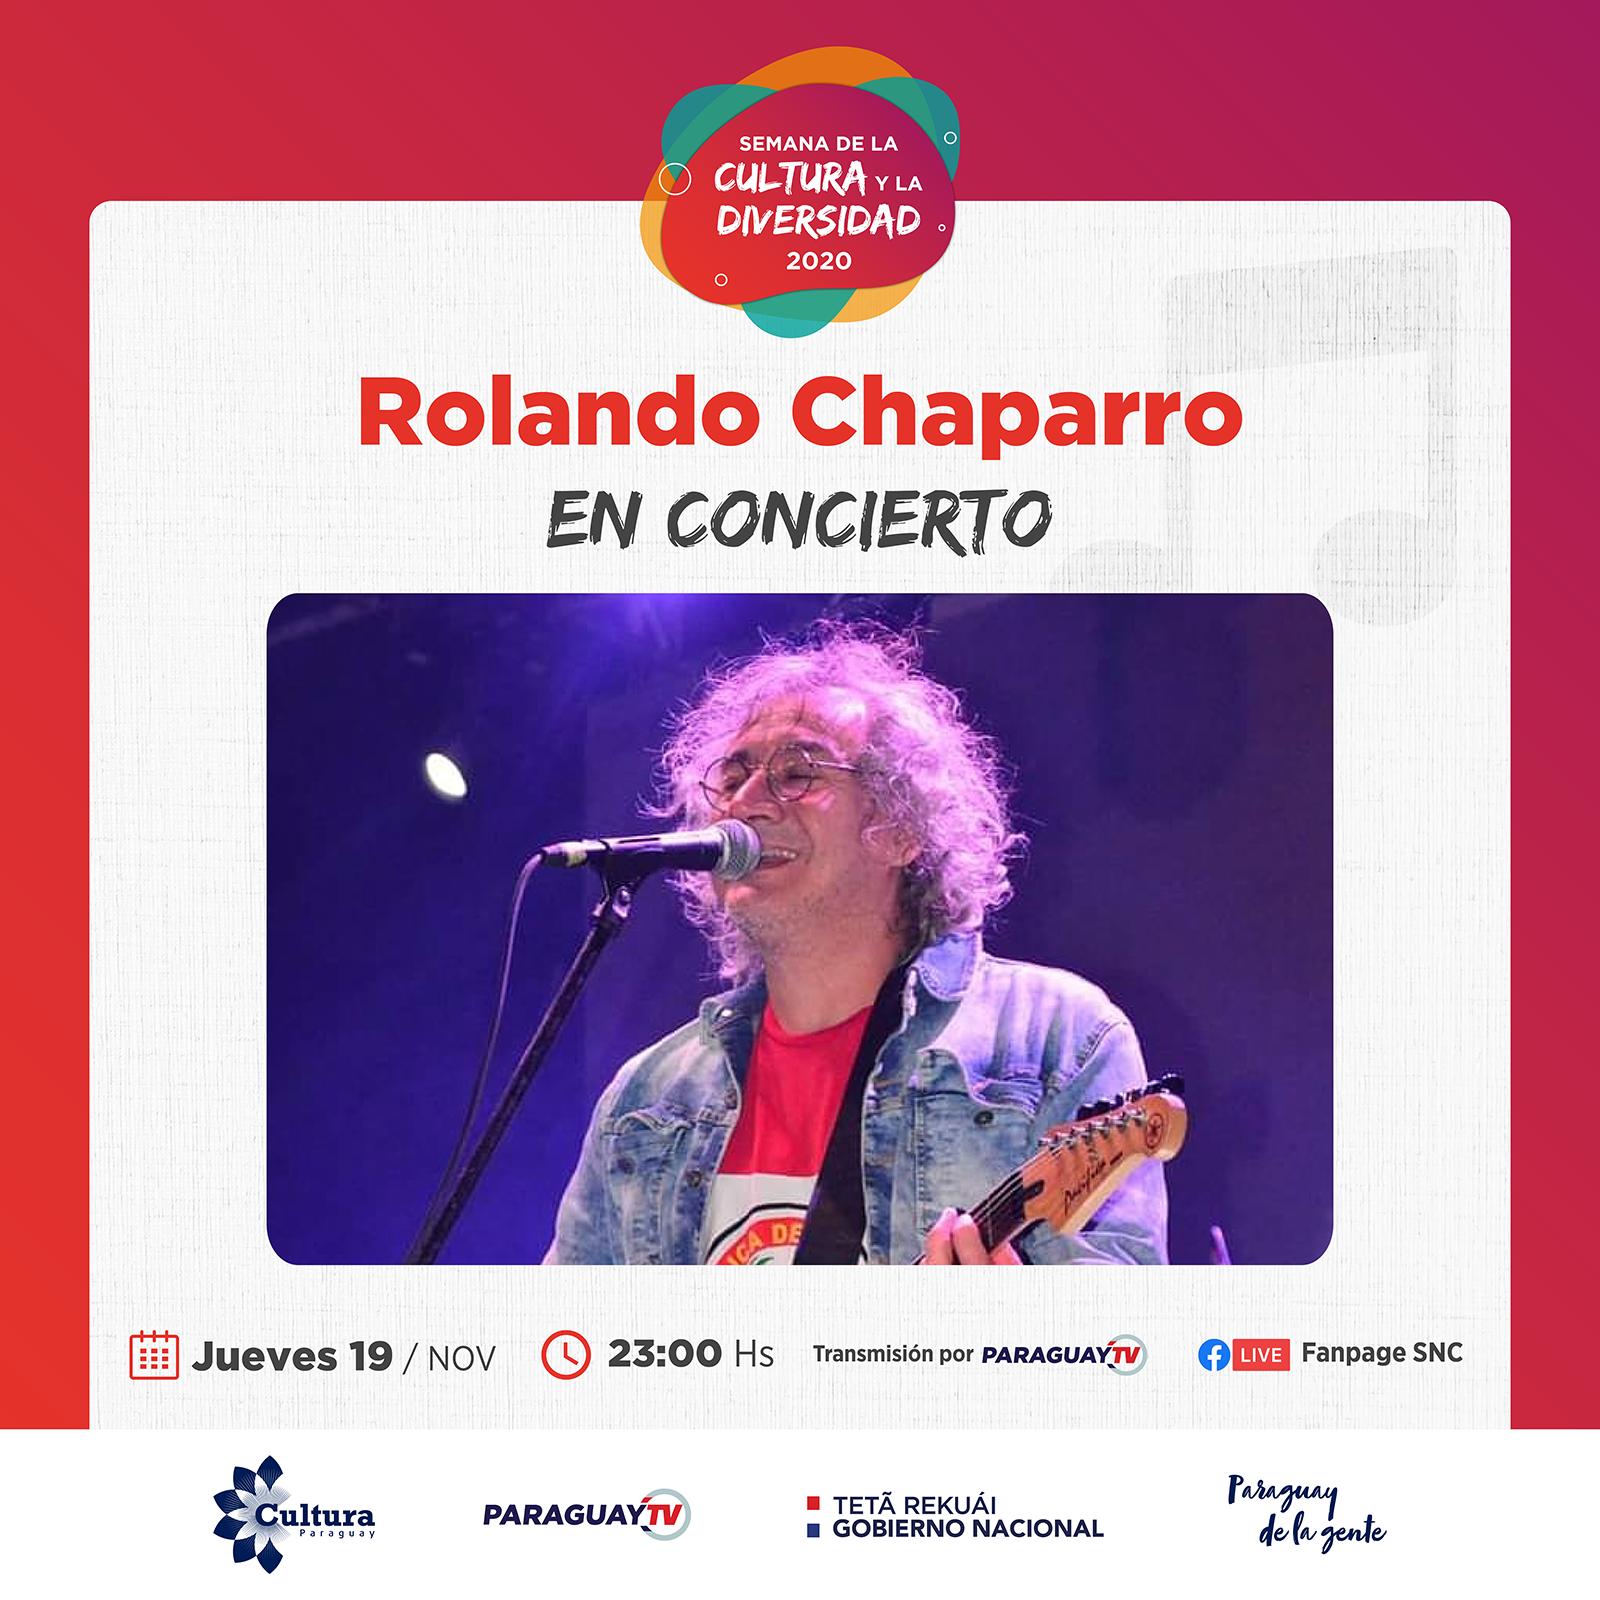 Obras de Teatro, Danza y el show de Rolando Chaparro en jornadas estelares de la Semana de la Cultura y la Diversidad 2020 imagen